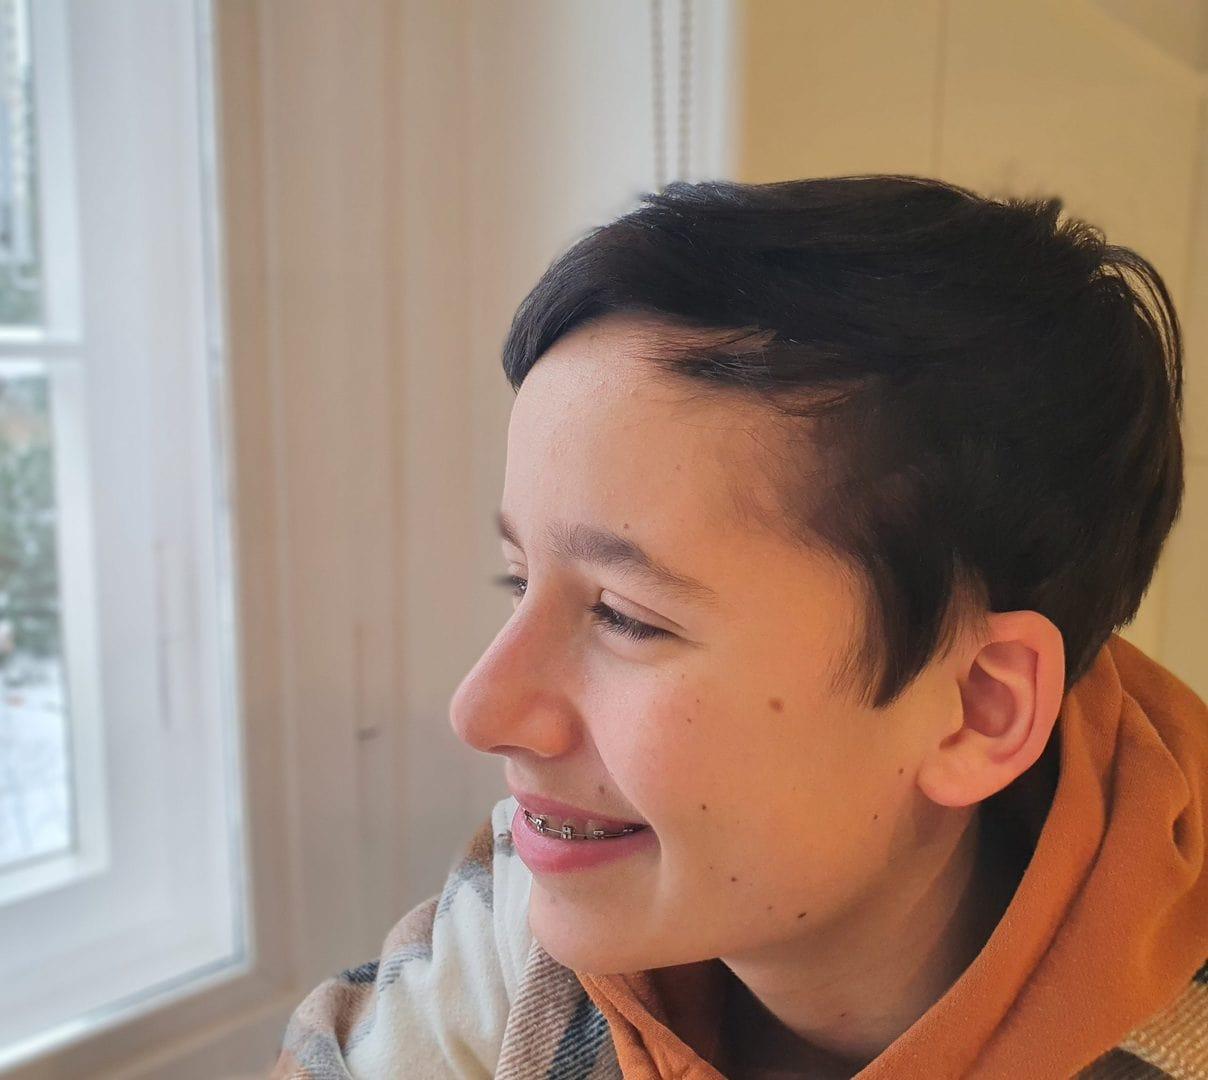 Junge mit Zahnspange schaut aus dem Fenster